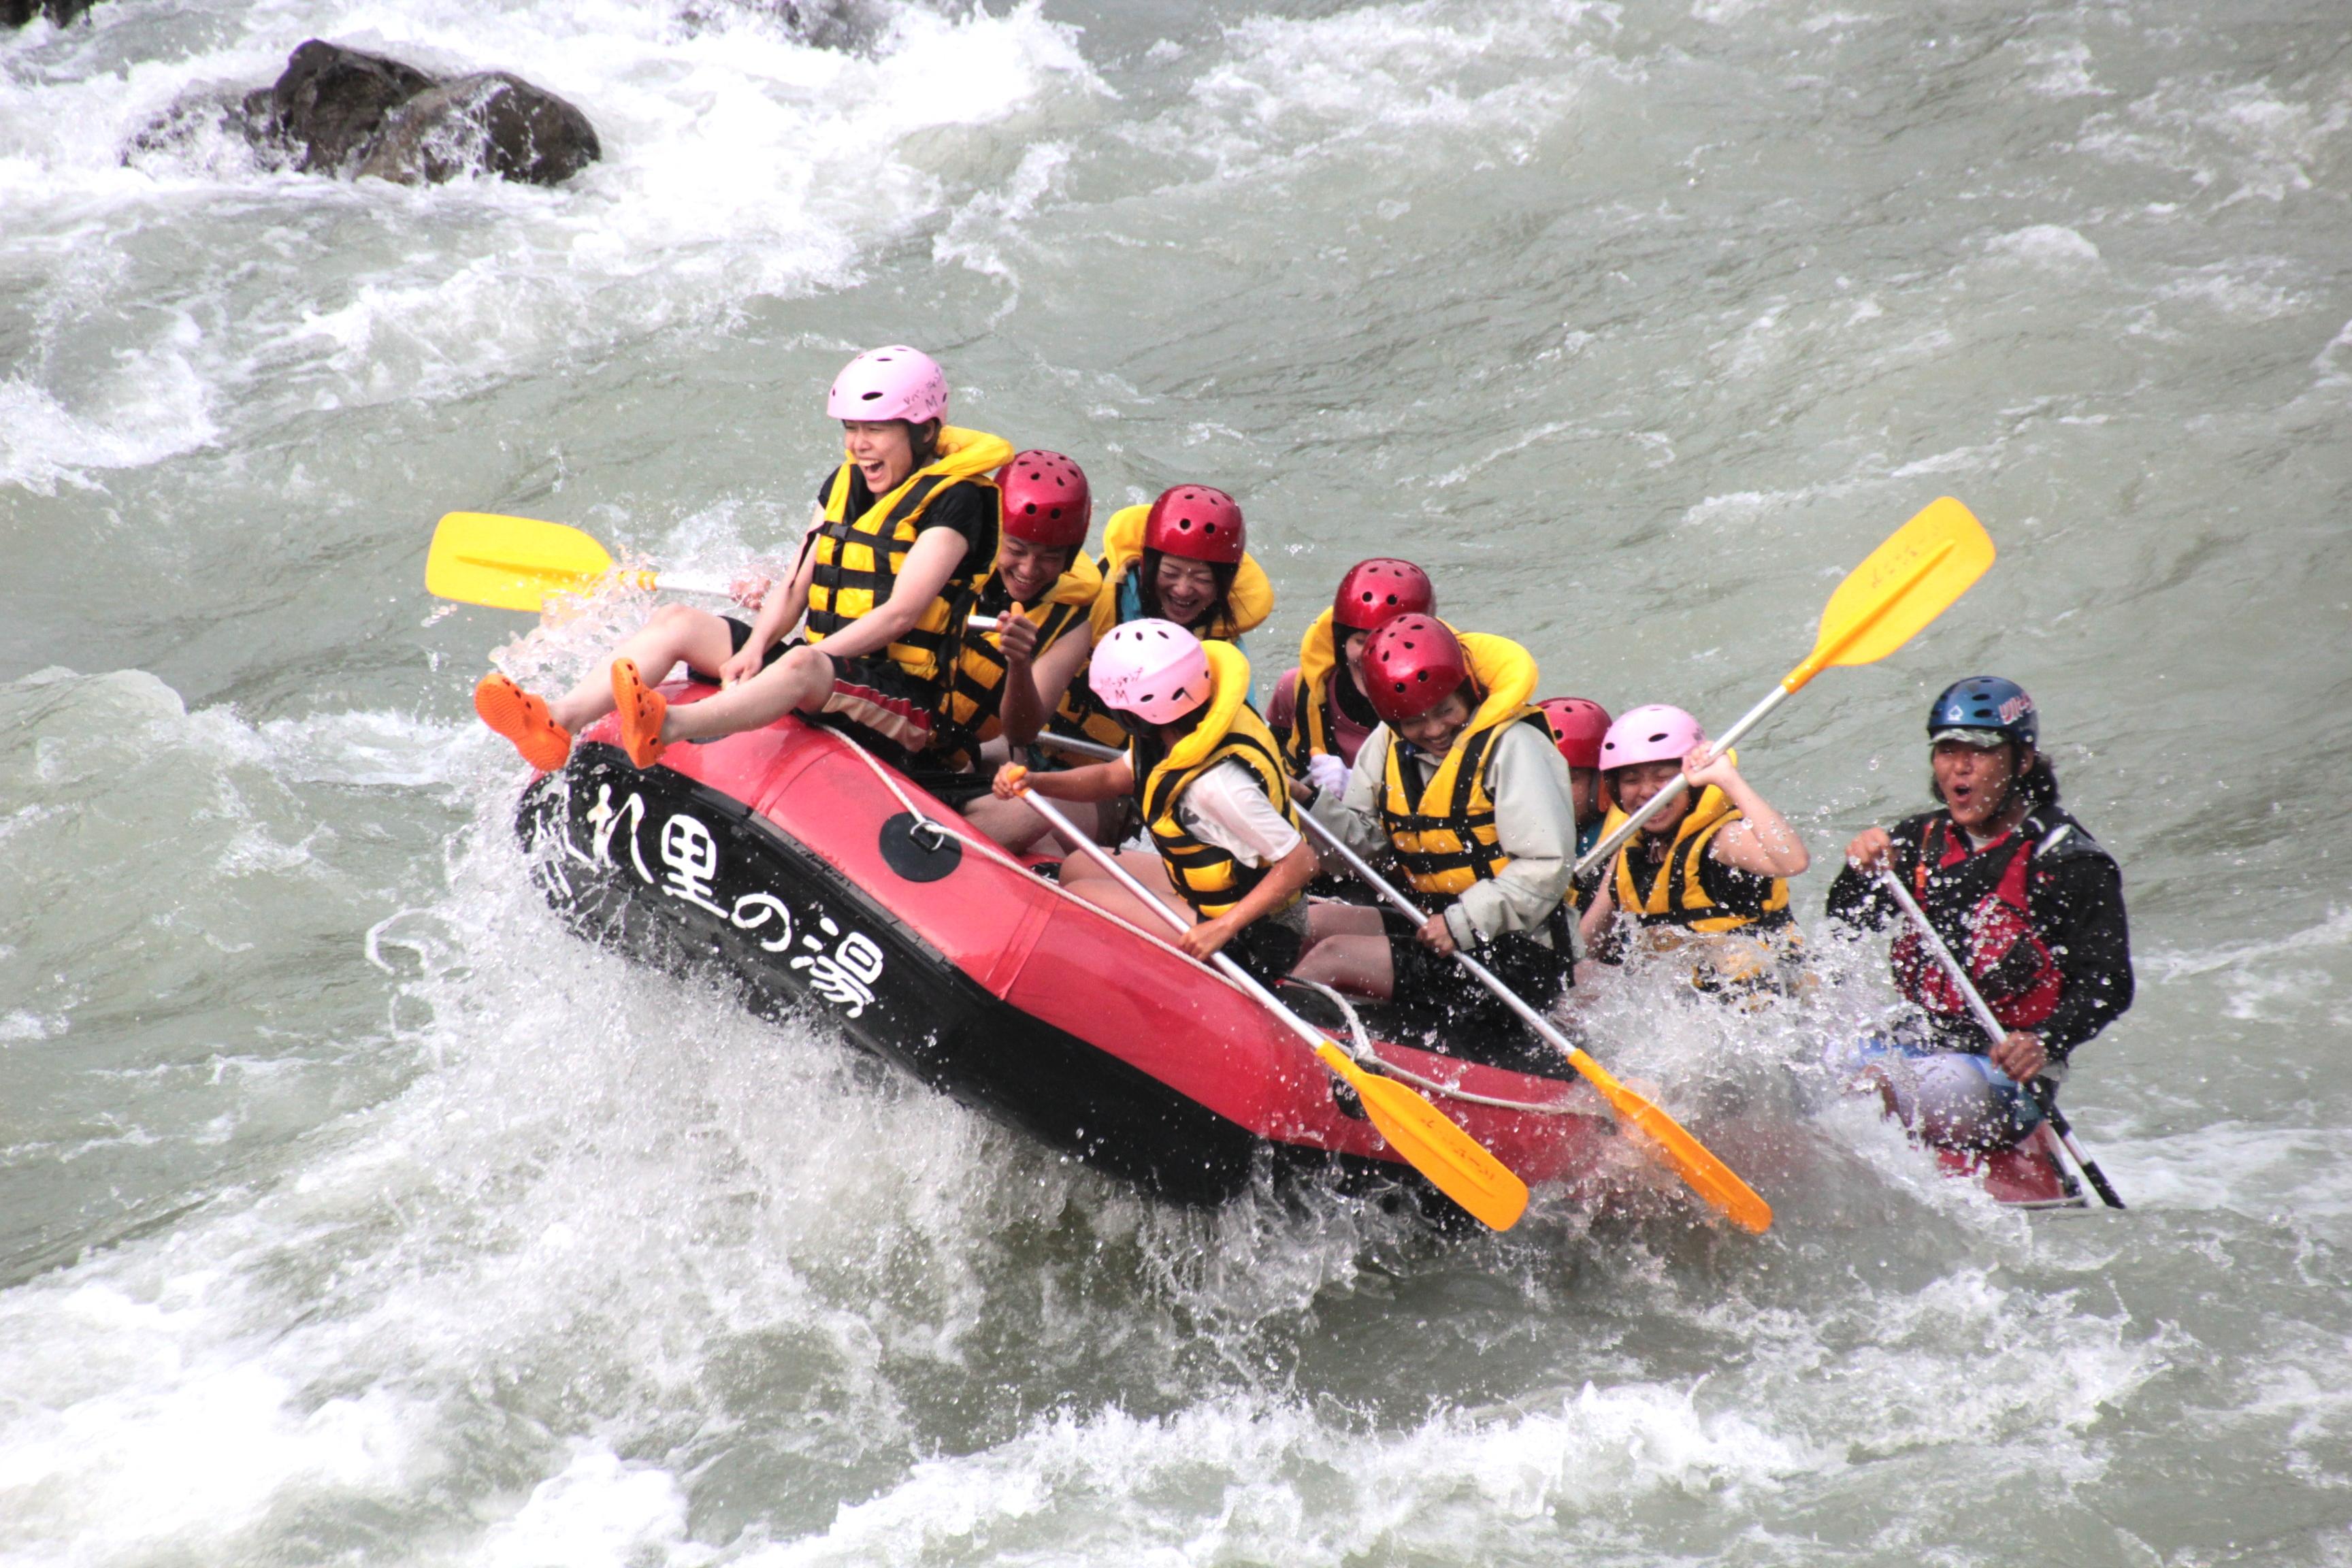 ●【博多発着】日帰りバス旅 夏はハジけろ!!日本三大急流の球磨川でラフティングで暑さを乗り切ろう!